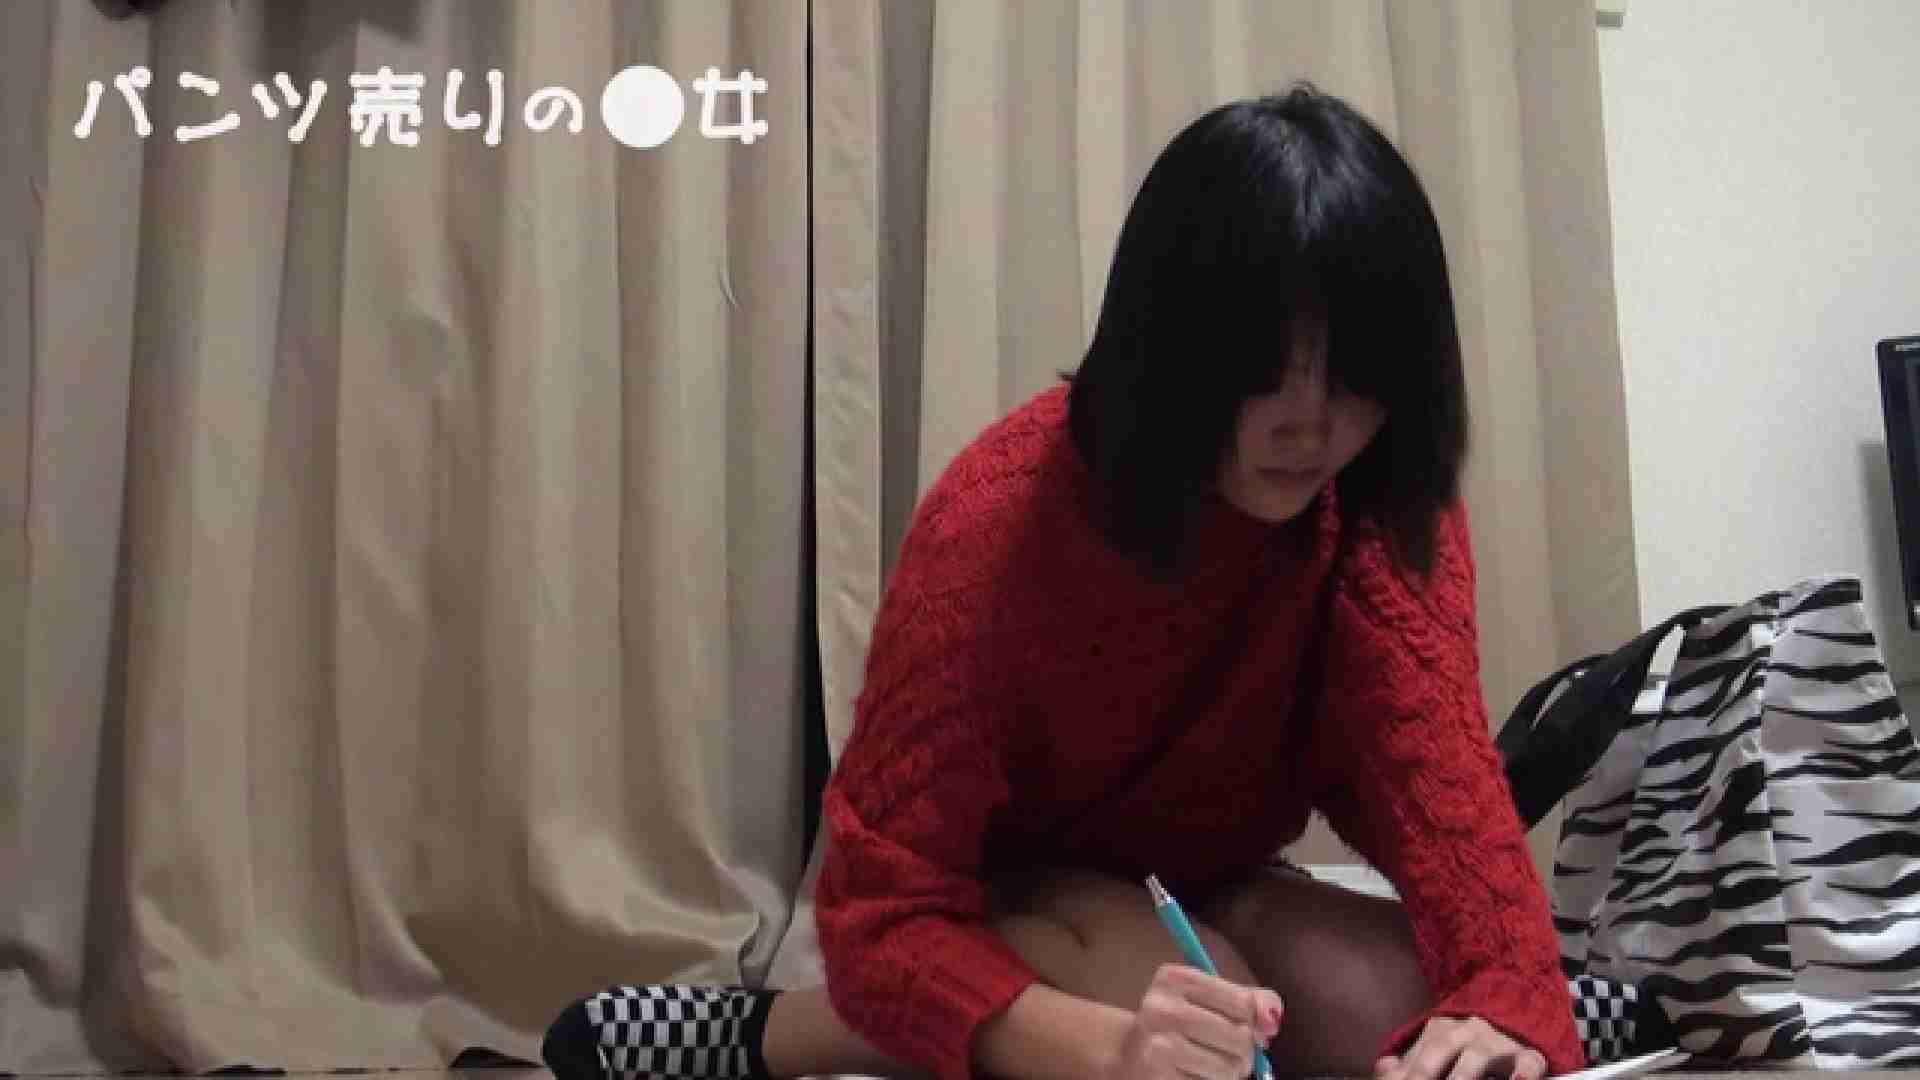 新説 パンツ売りの女の子mizuki 一般投稿  83pic 14